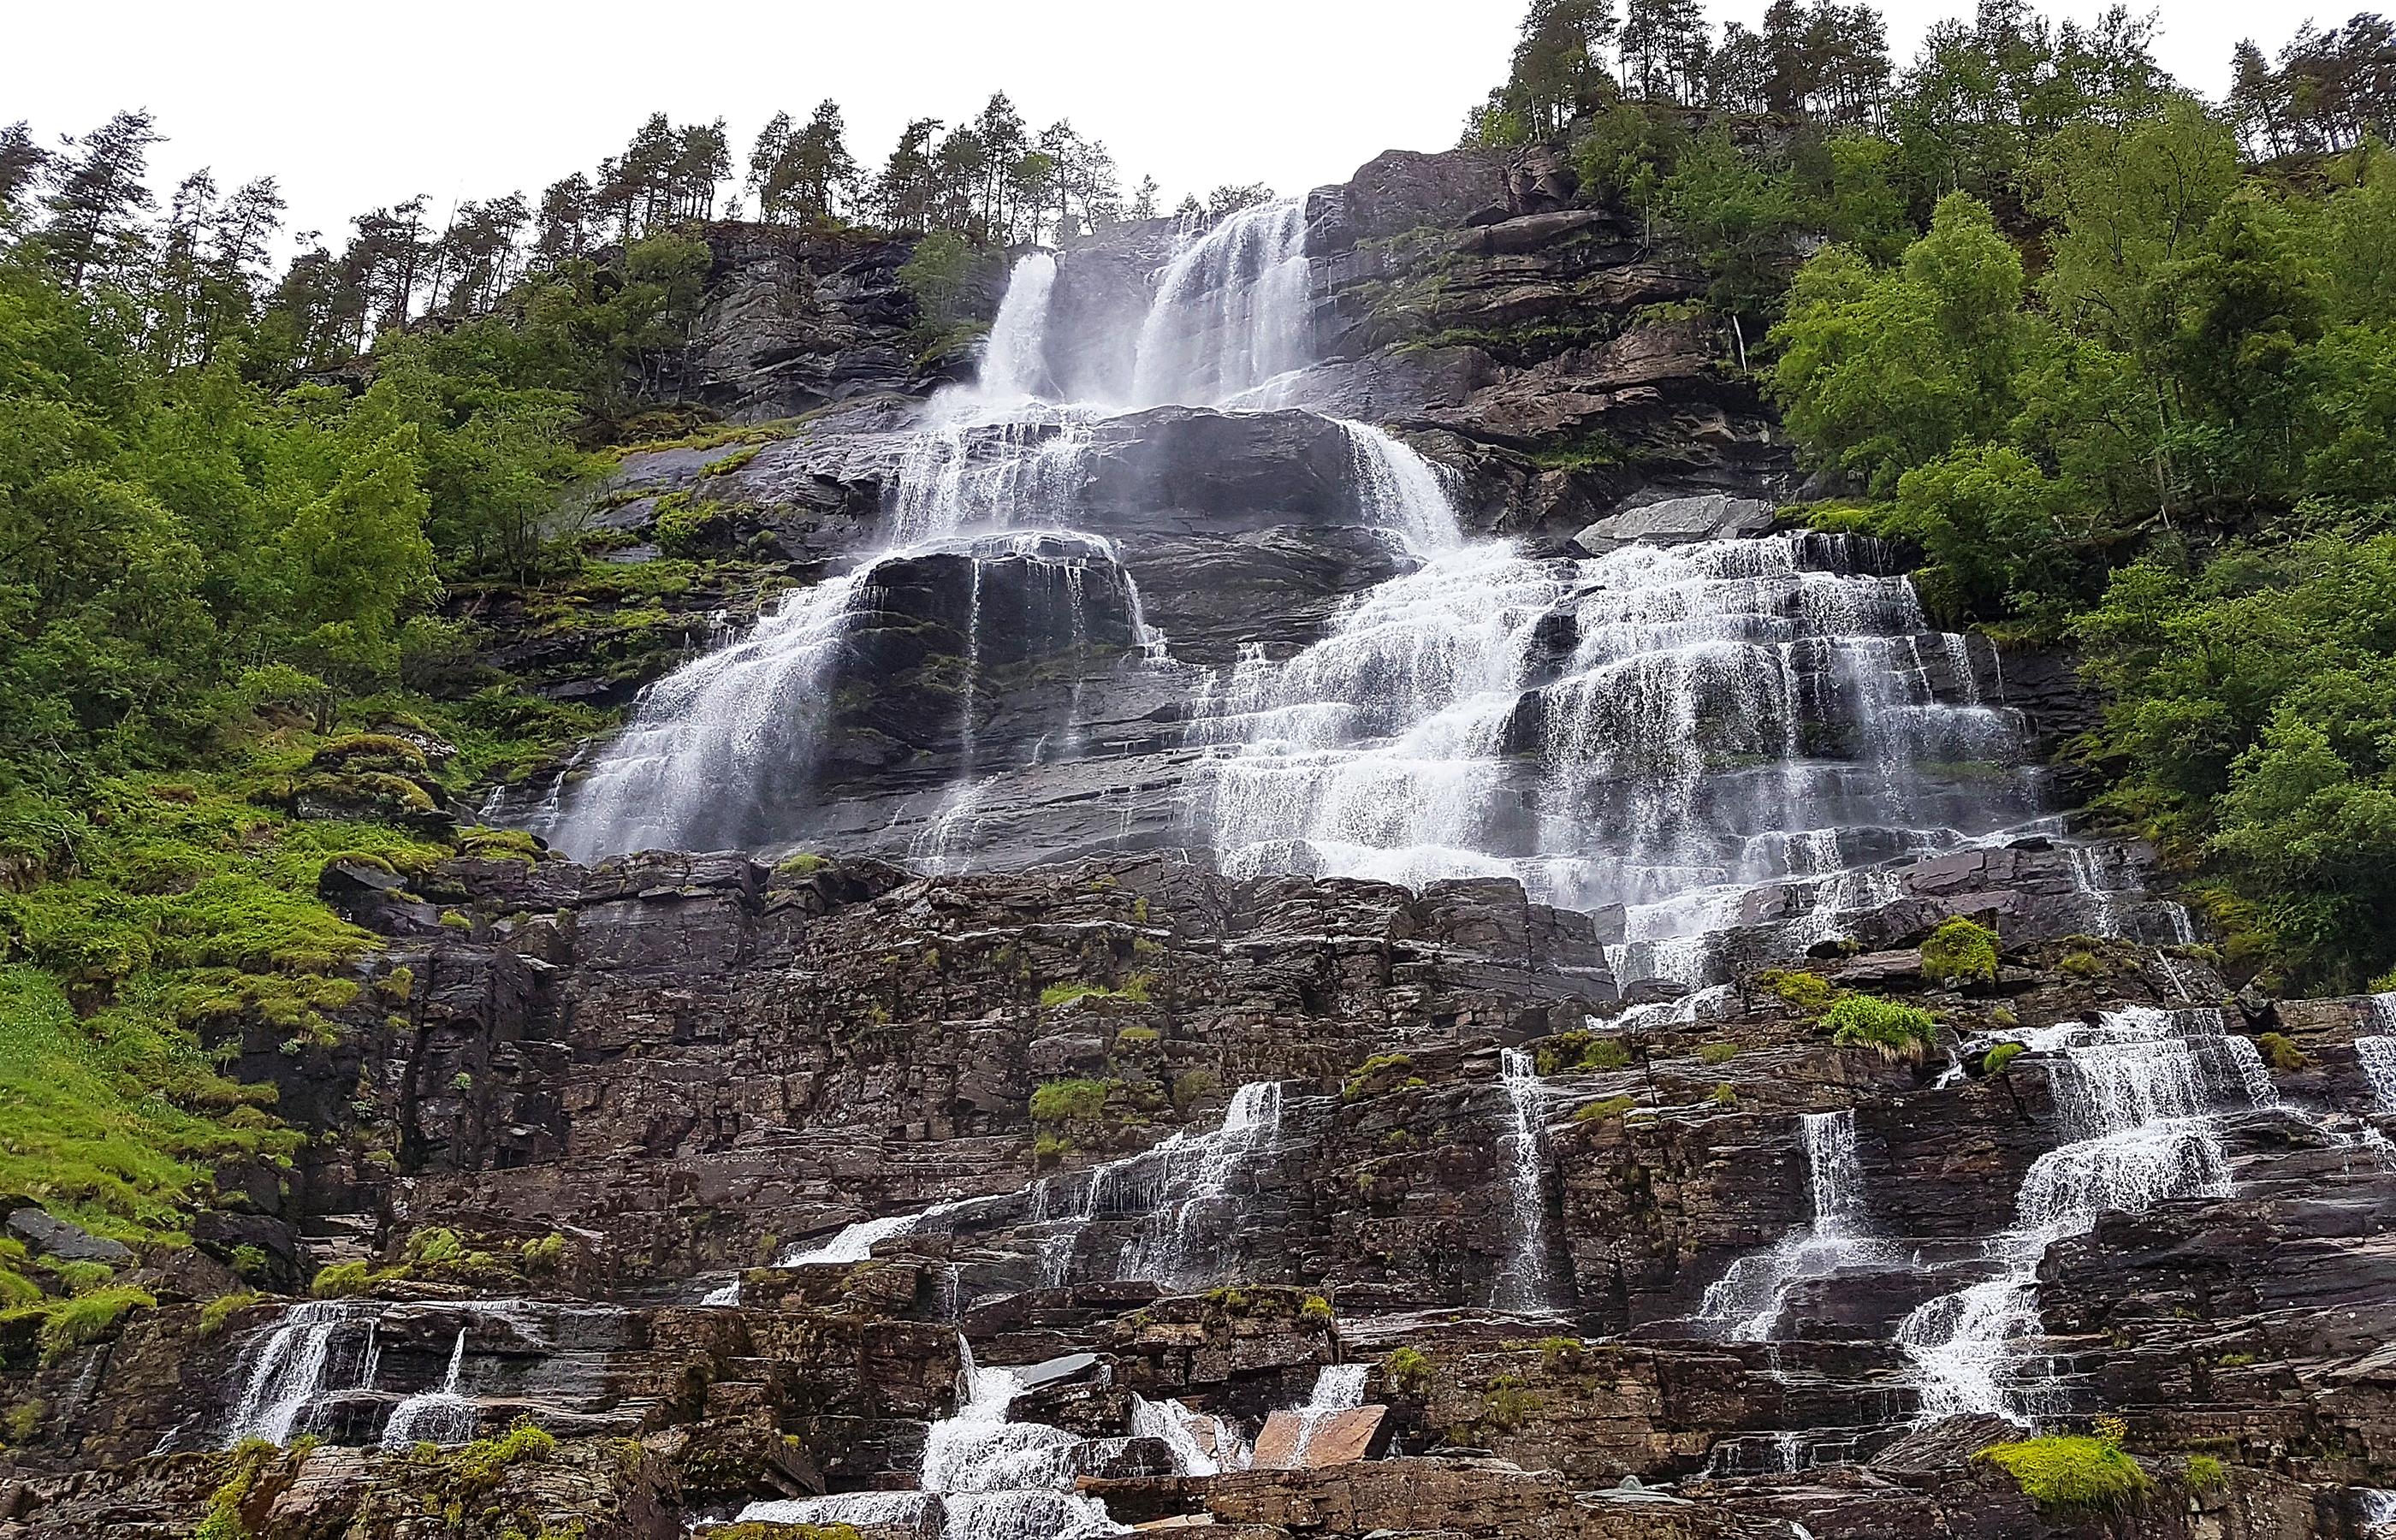 Водопад Твиндефоссен, высота 152 метра, самый высокий в Норвегии